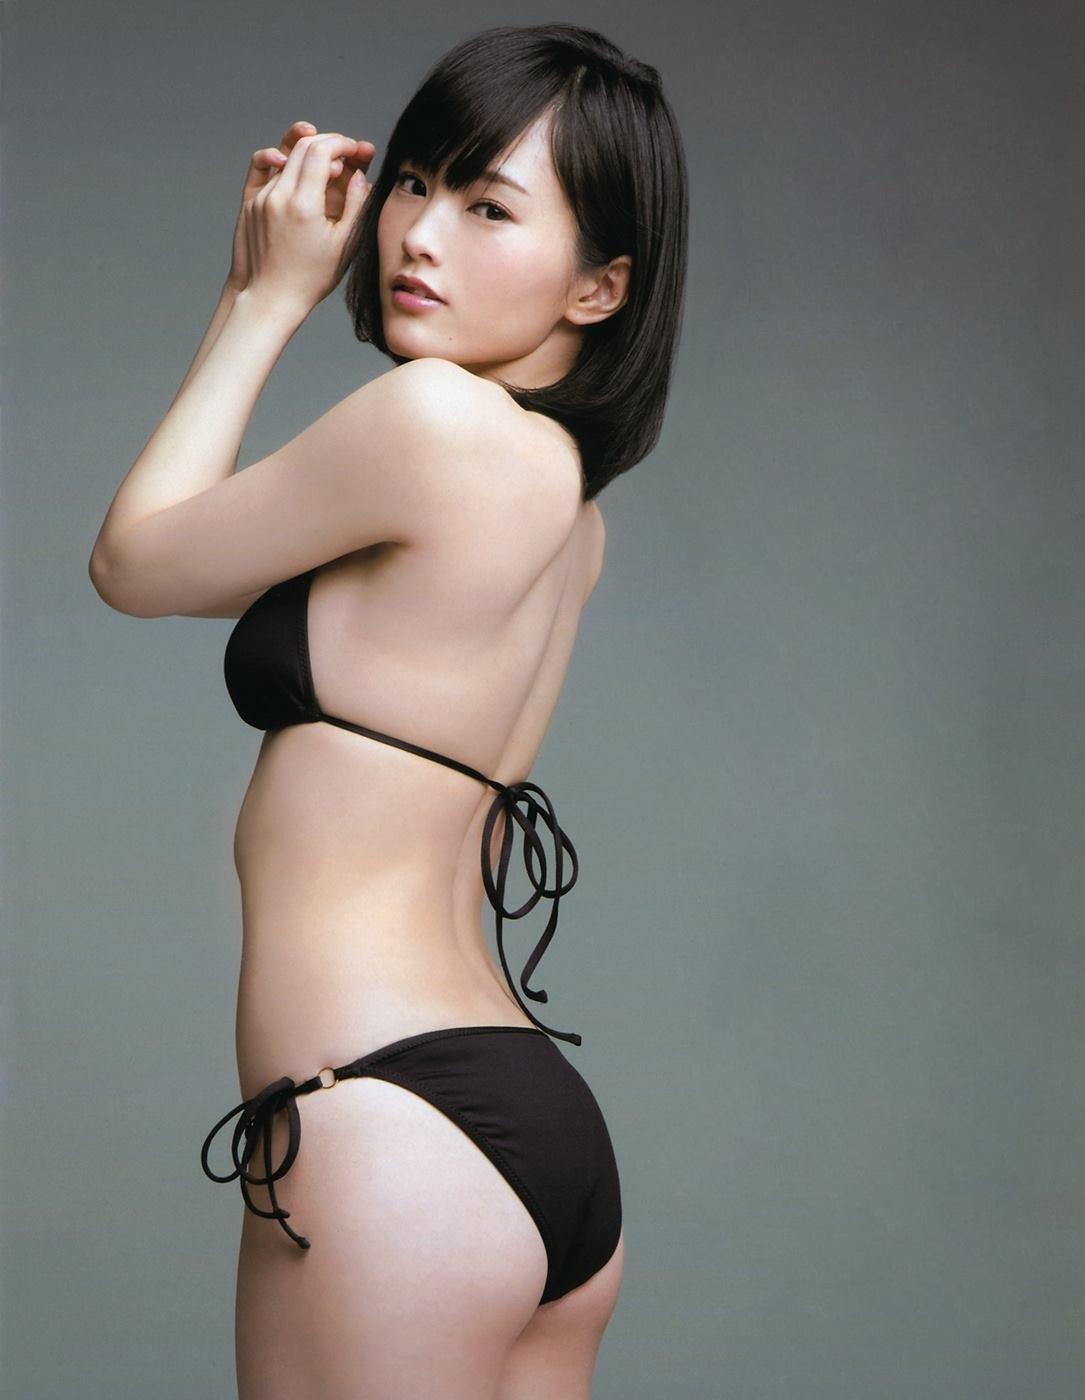 yamamoto_sayaka119.jpg